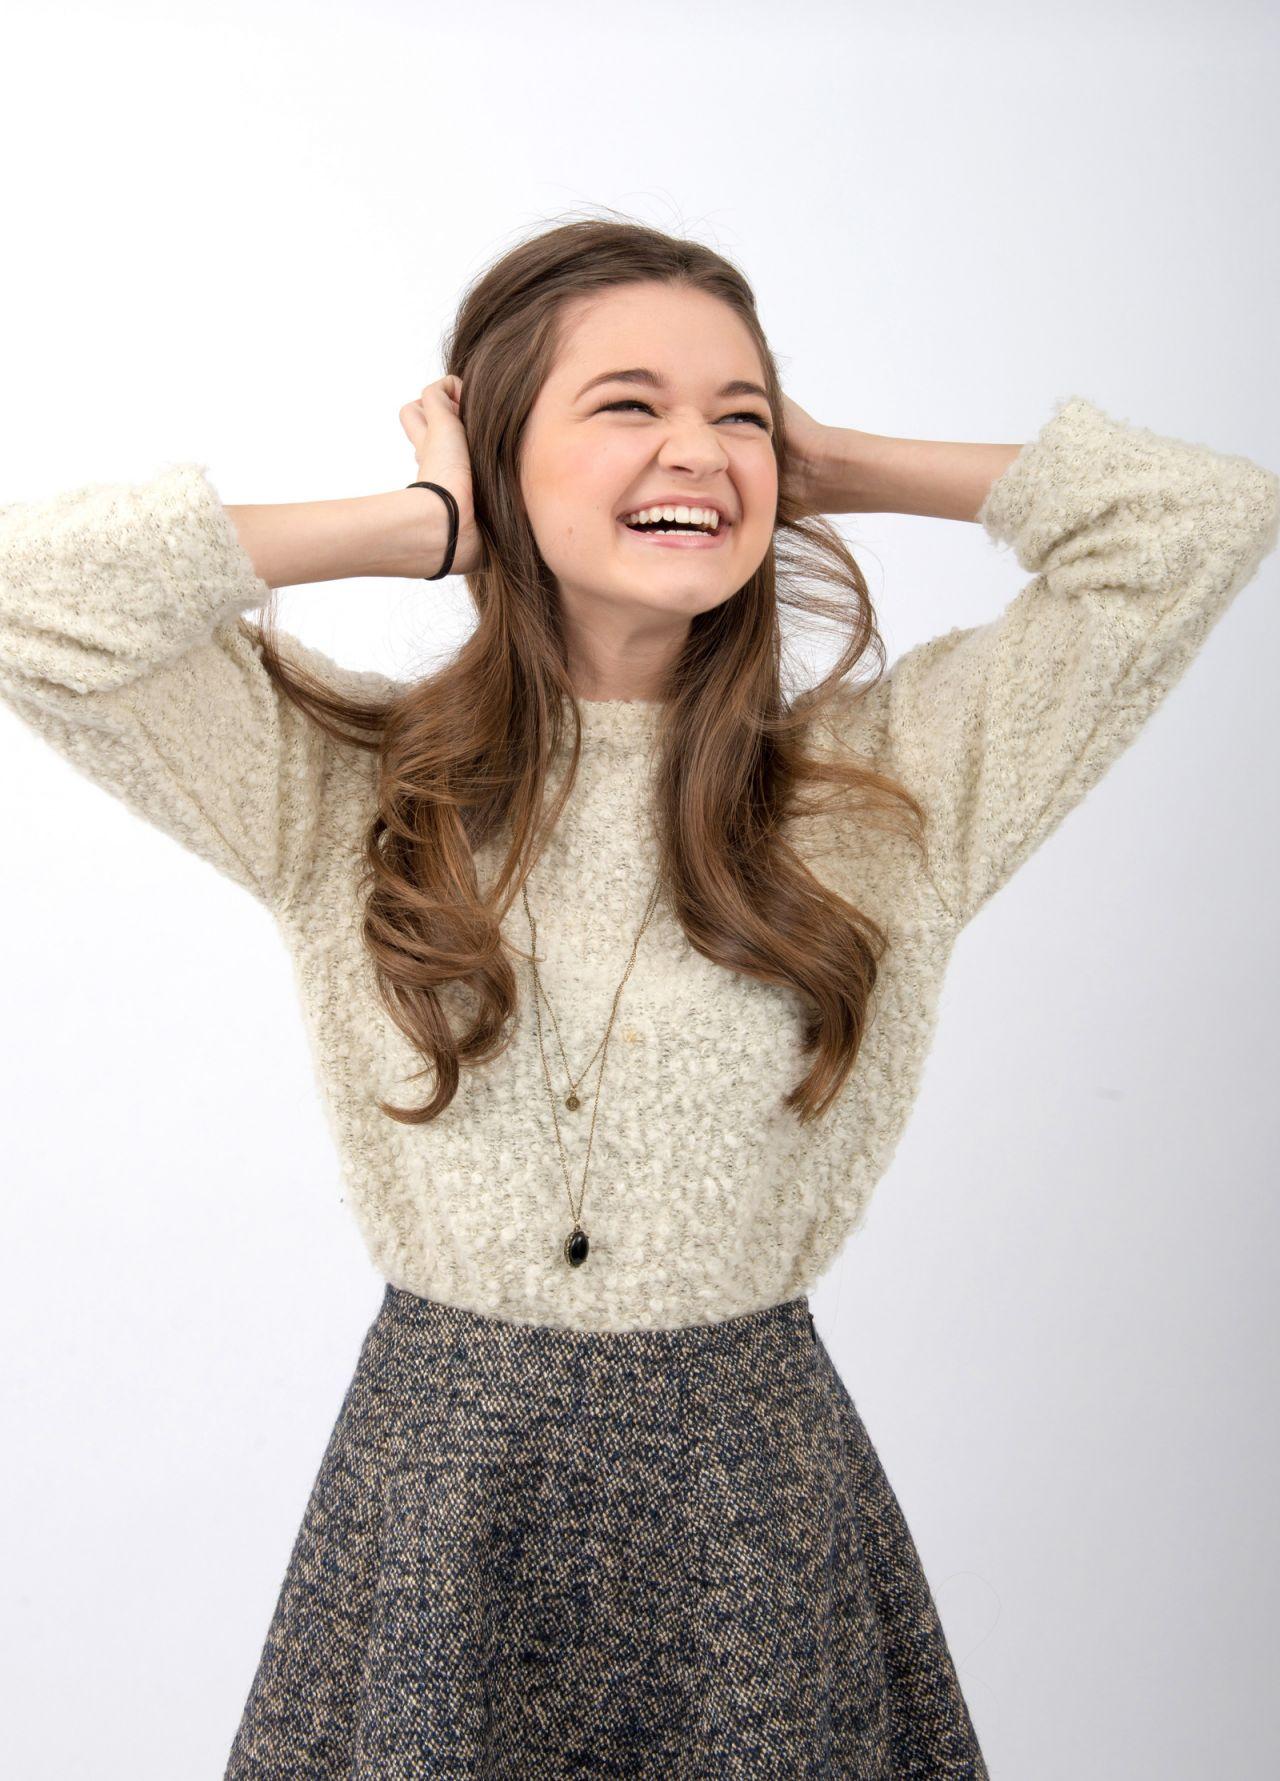 Sundance 2019 celebrity photos